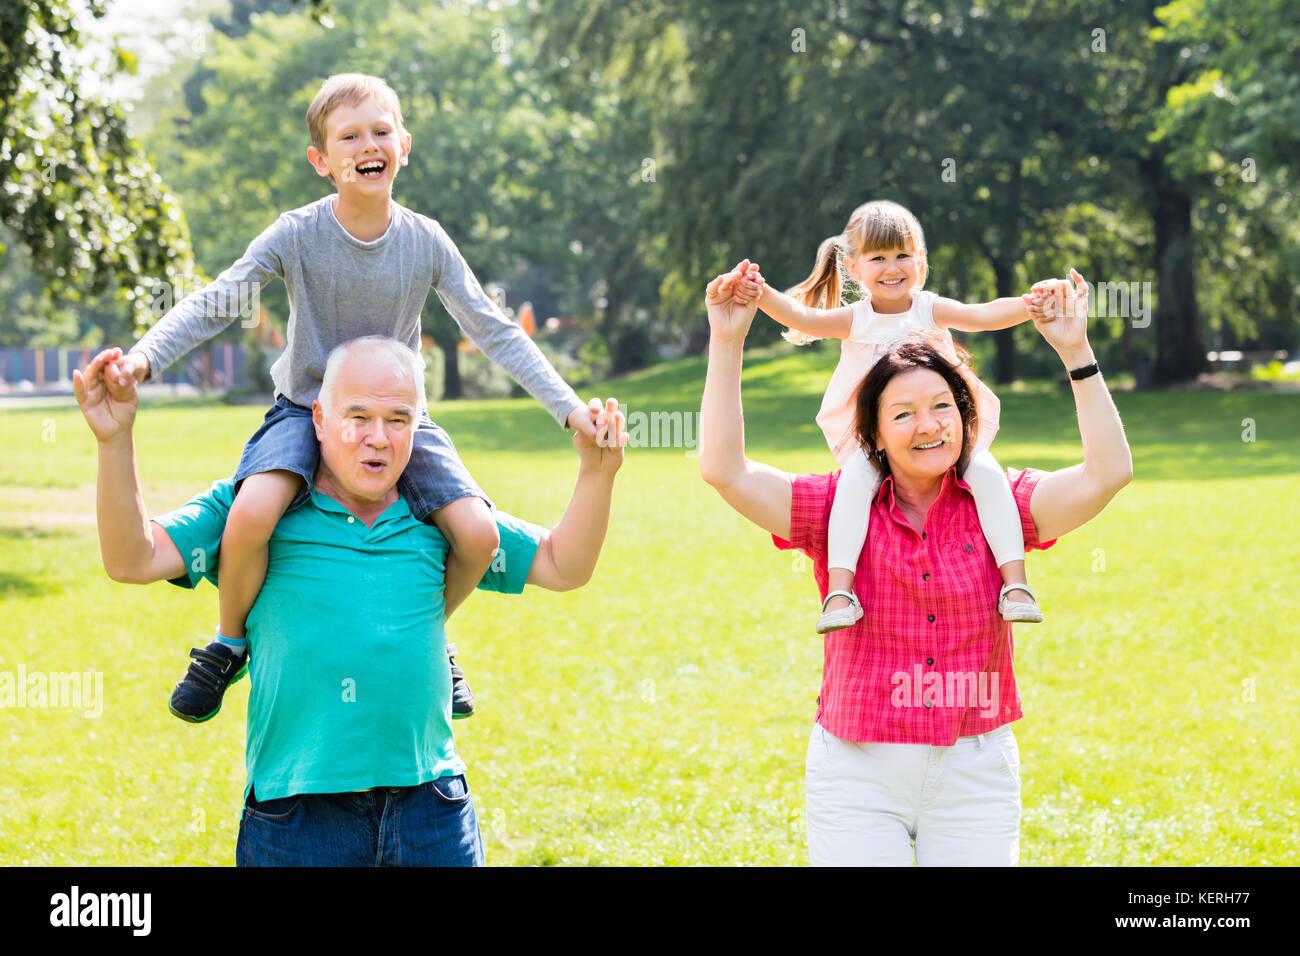 Happy Family having fun avec des enfants faisant piggyback ride in park Banque D'Images